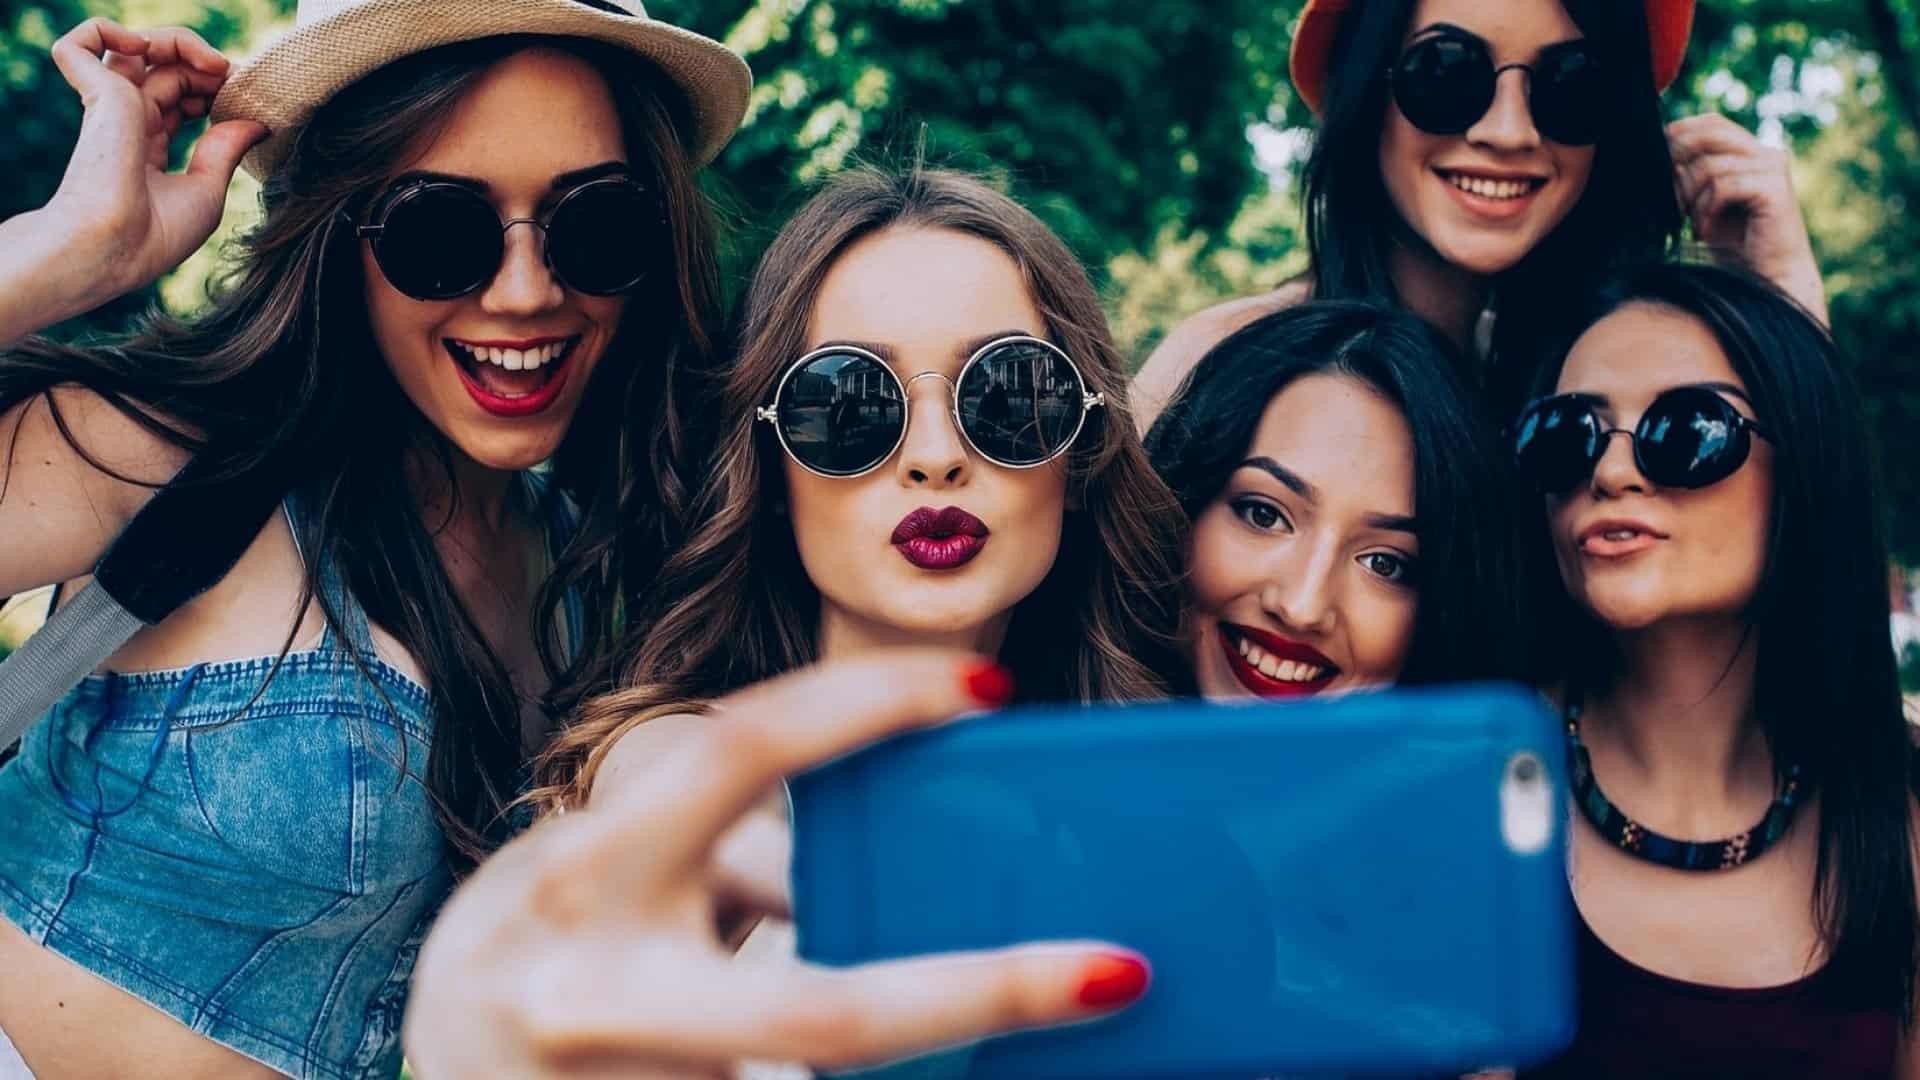 imagem 1 de Melhores apps para tirar selfies no Android